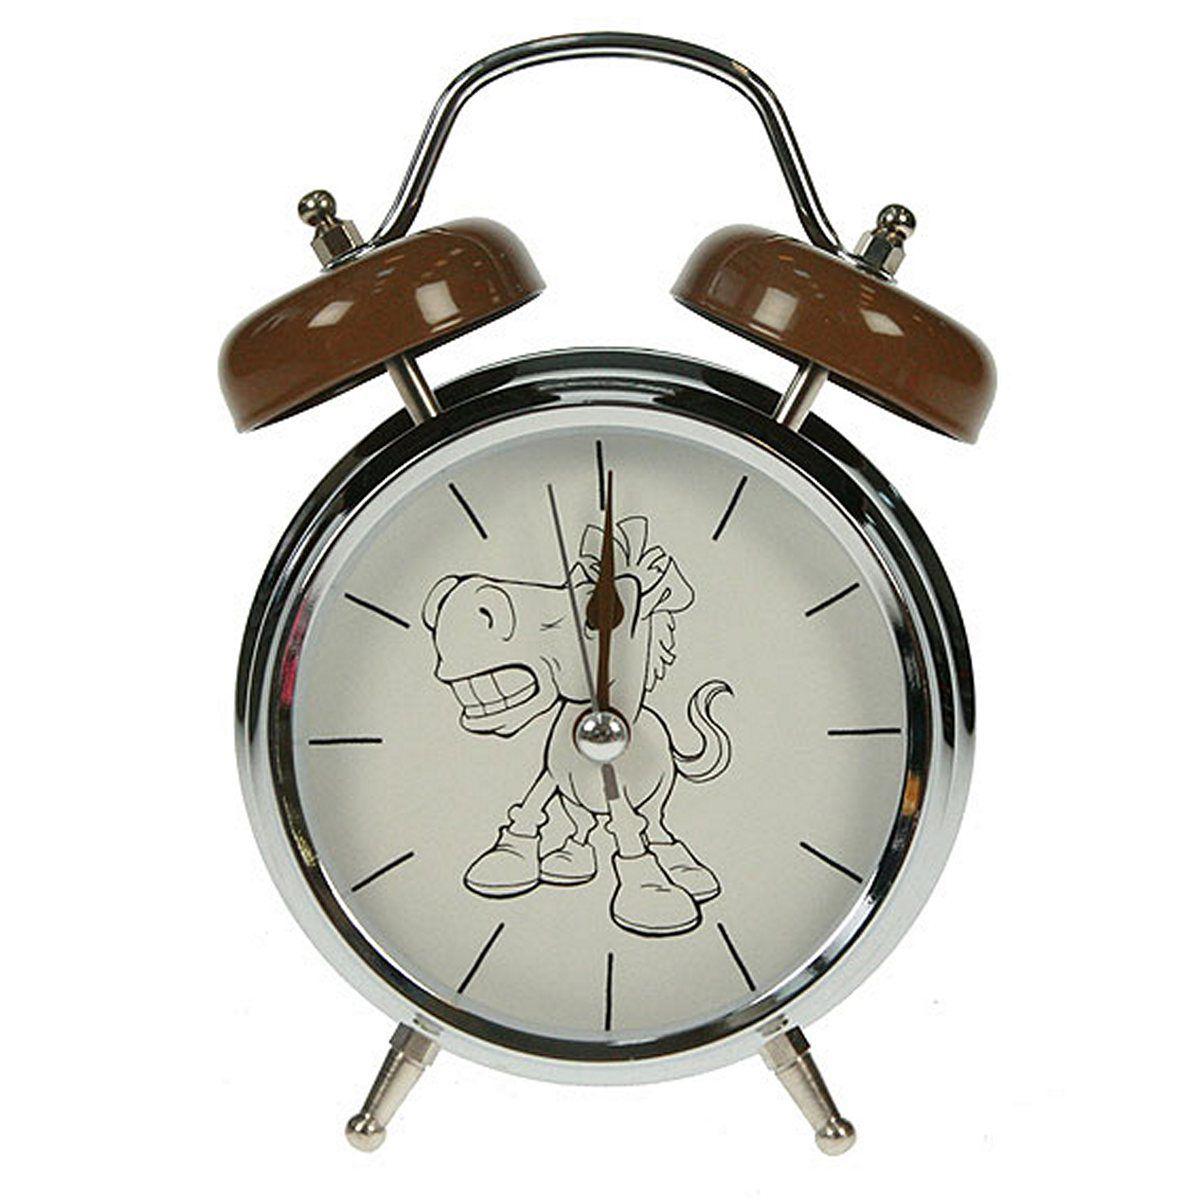 Часы настольные Русские Подарки Лошадь, с функцией будильника, 12 х 6 х 17 см. 232417232417Настольные кварцевые часы Русские Подарки Лошадь изготовлены из металла, циферблат защищен стеклом. Оригинальное оформление в виде смешной лошадки поднимет настроение, а благодаря функции будильника вы проснетесь вовремя. Часы имеют три стрелки - часовую, минутную и секундную.Такие часы украсят интерьер дома или рабочий стол в офисе. Также часы могут стать уникальным, полезным подарком для родственников, коллег, знакомых и близких.Часы работают от батареек типа АА (в комплект не входят).